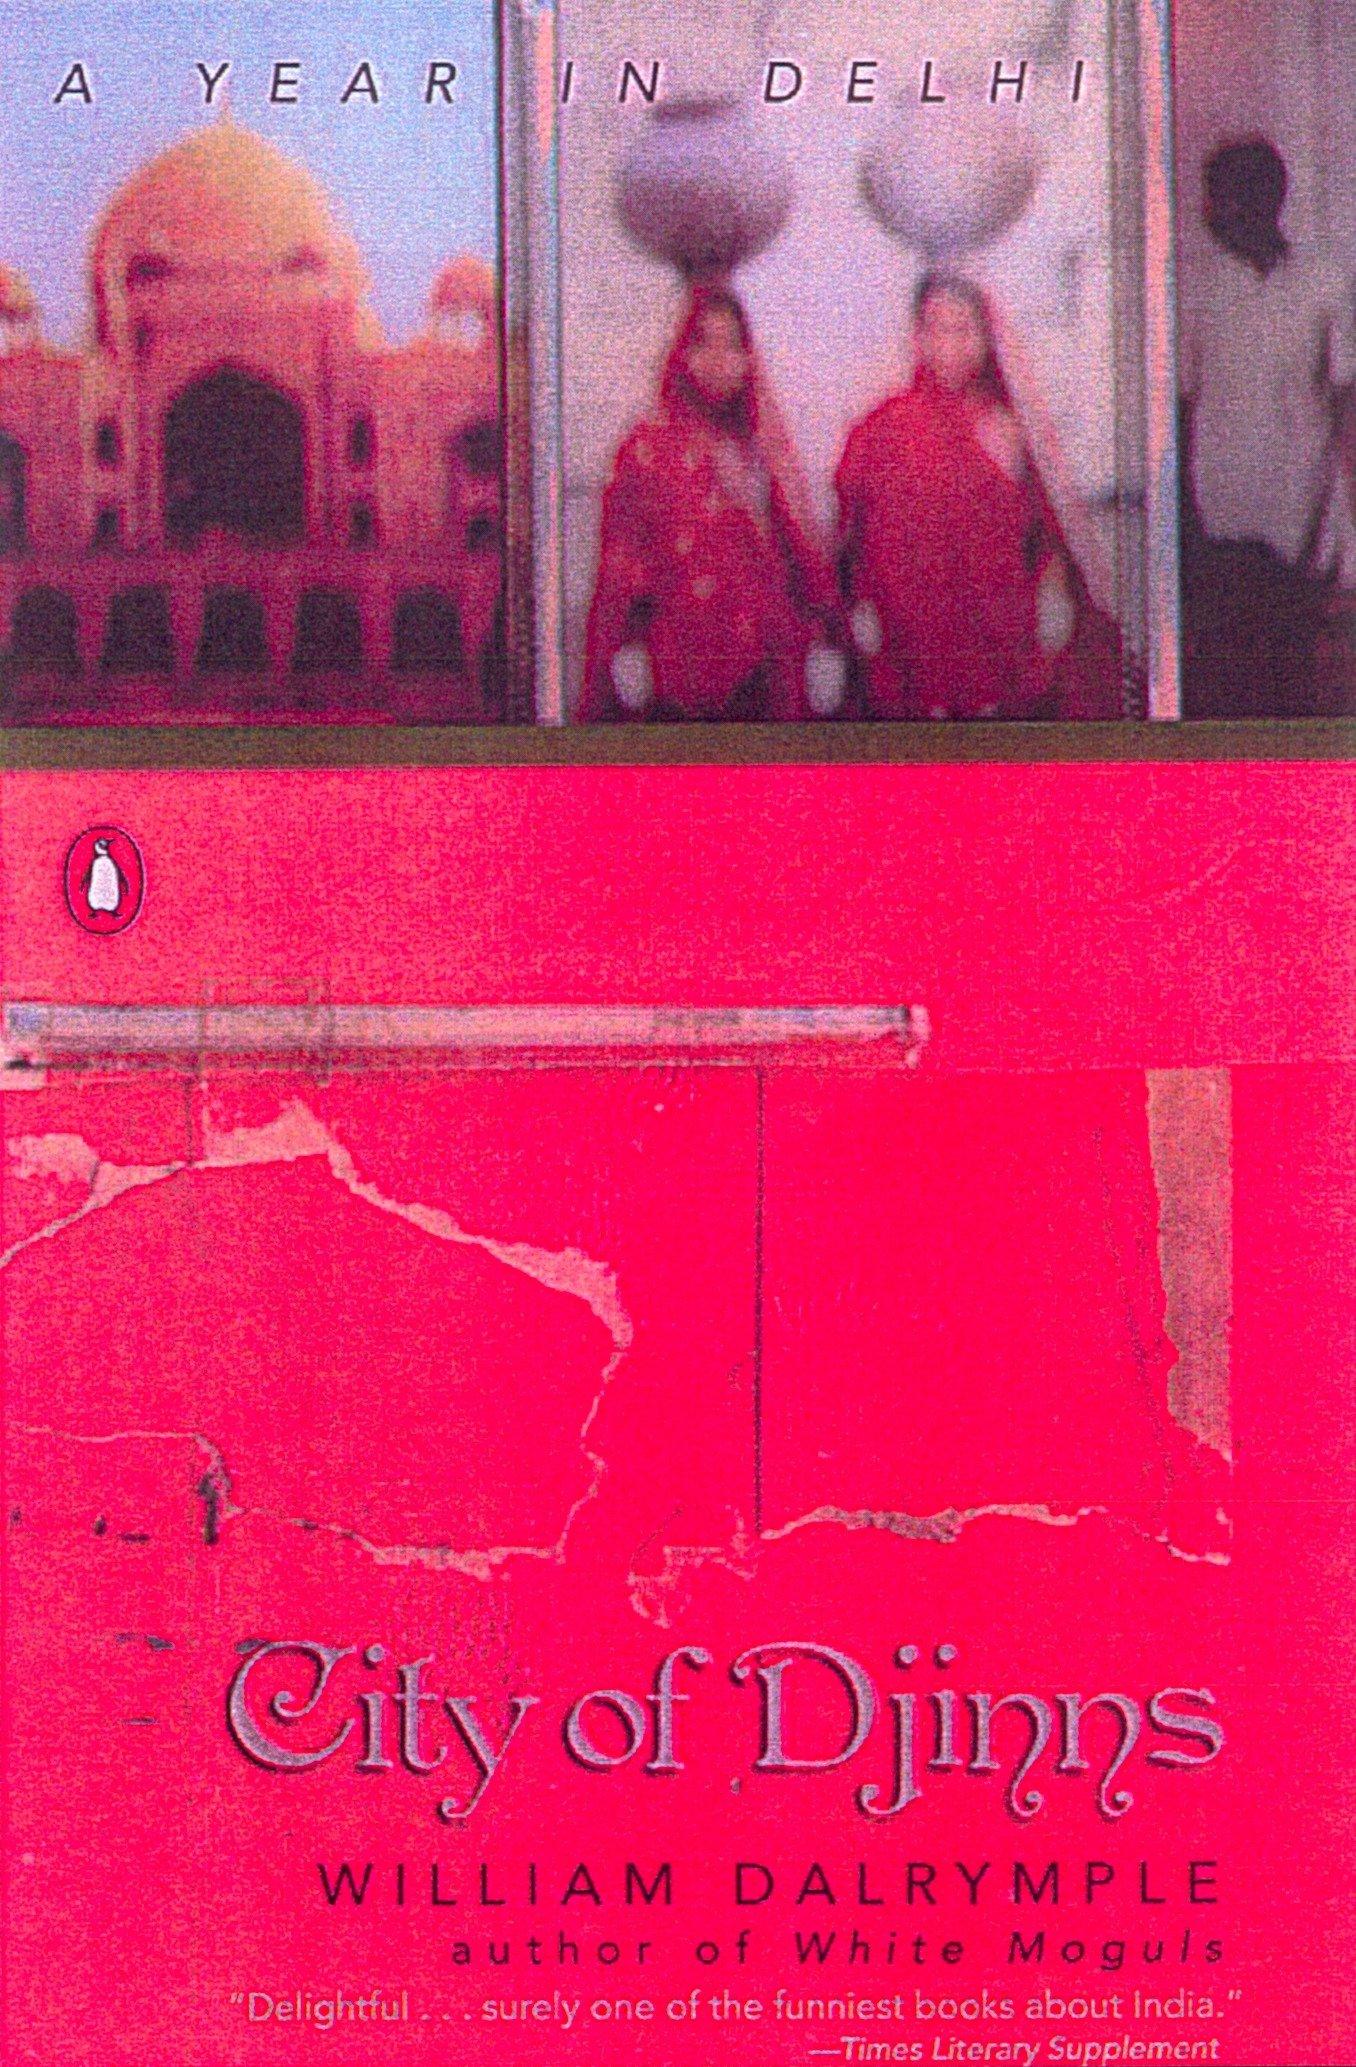 Download City of Djinns: A Year in Delhi pdf epub